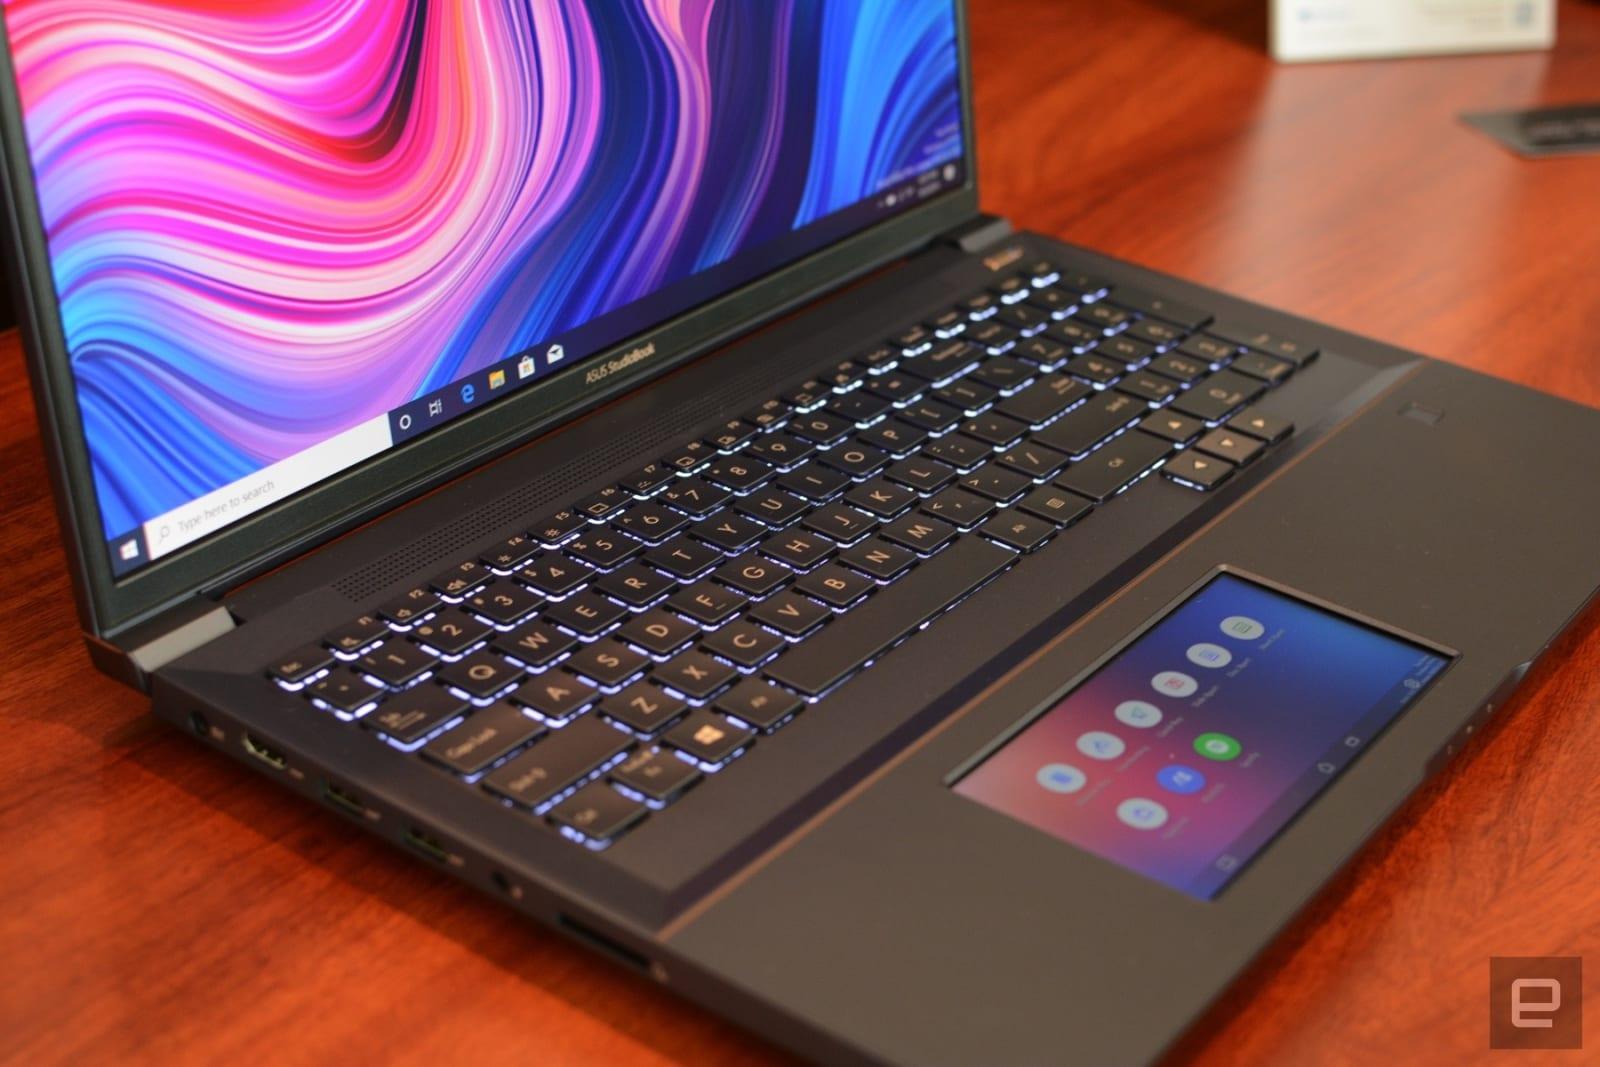 ASUS ProArt StudioBook Pro X hands-on